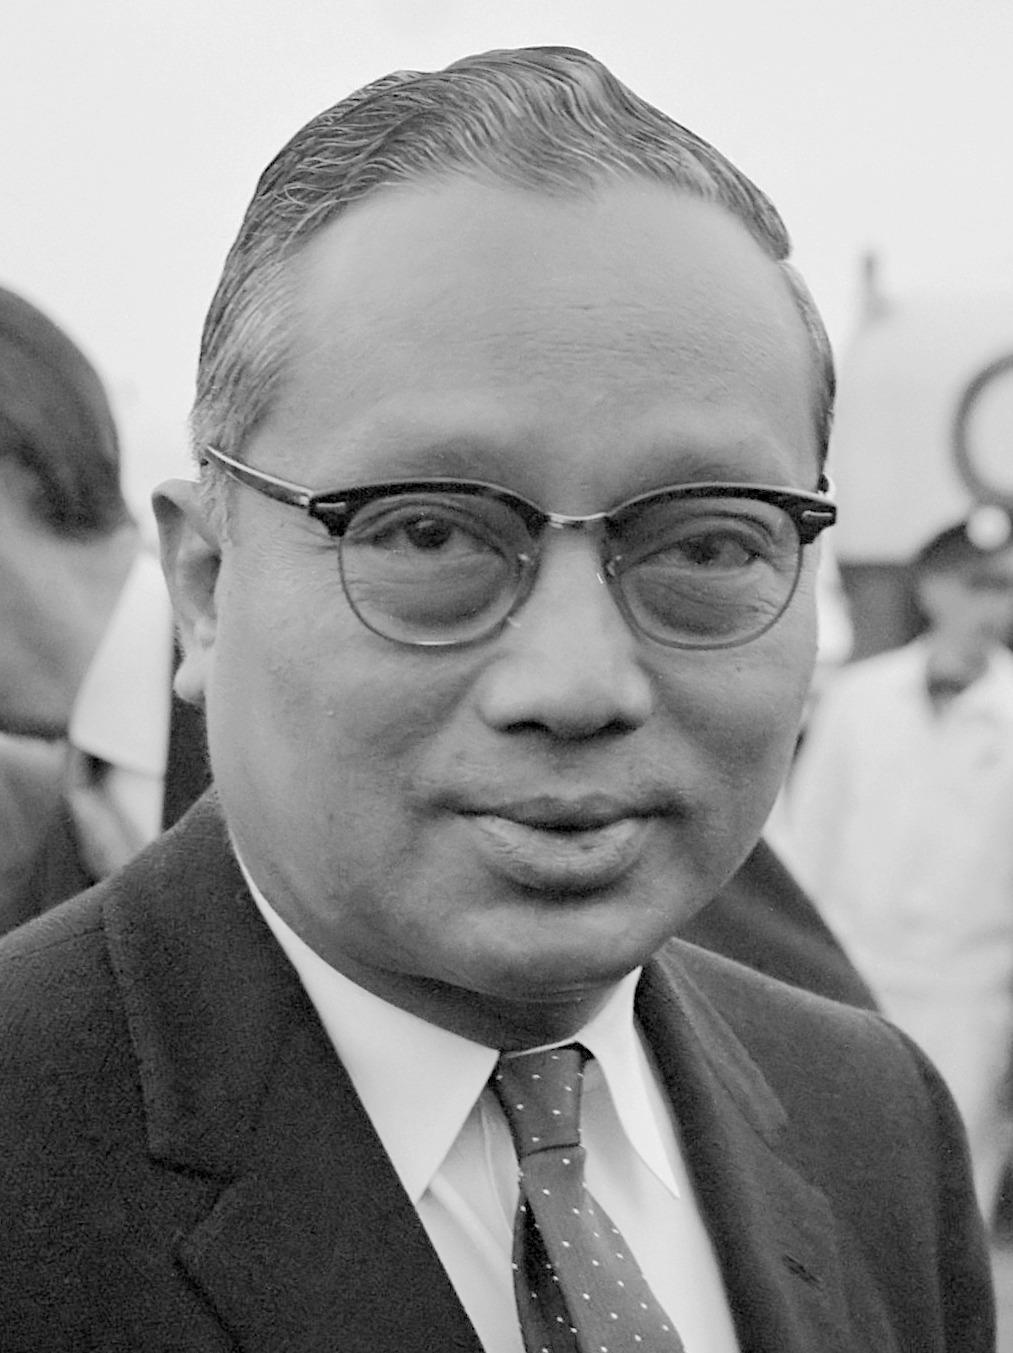 U Thant - Wikipedia